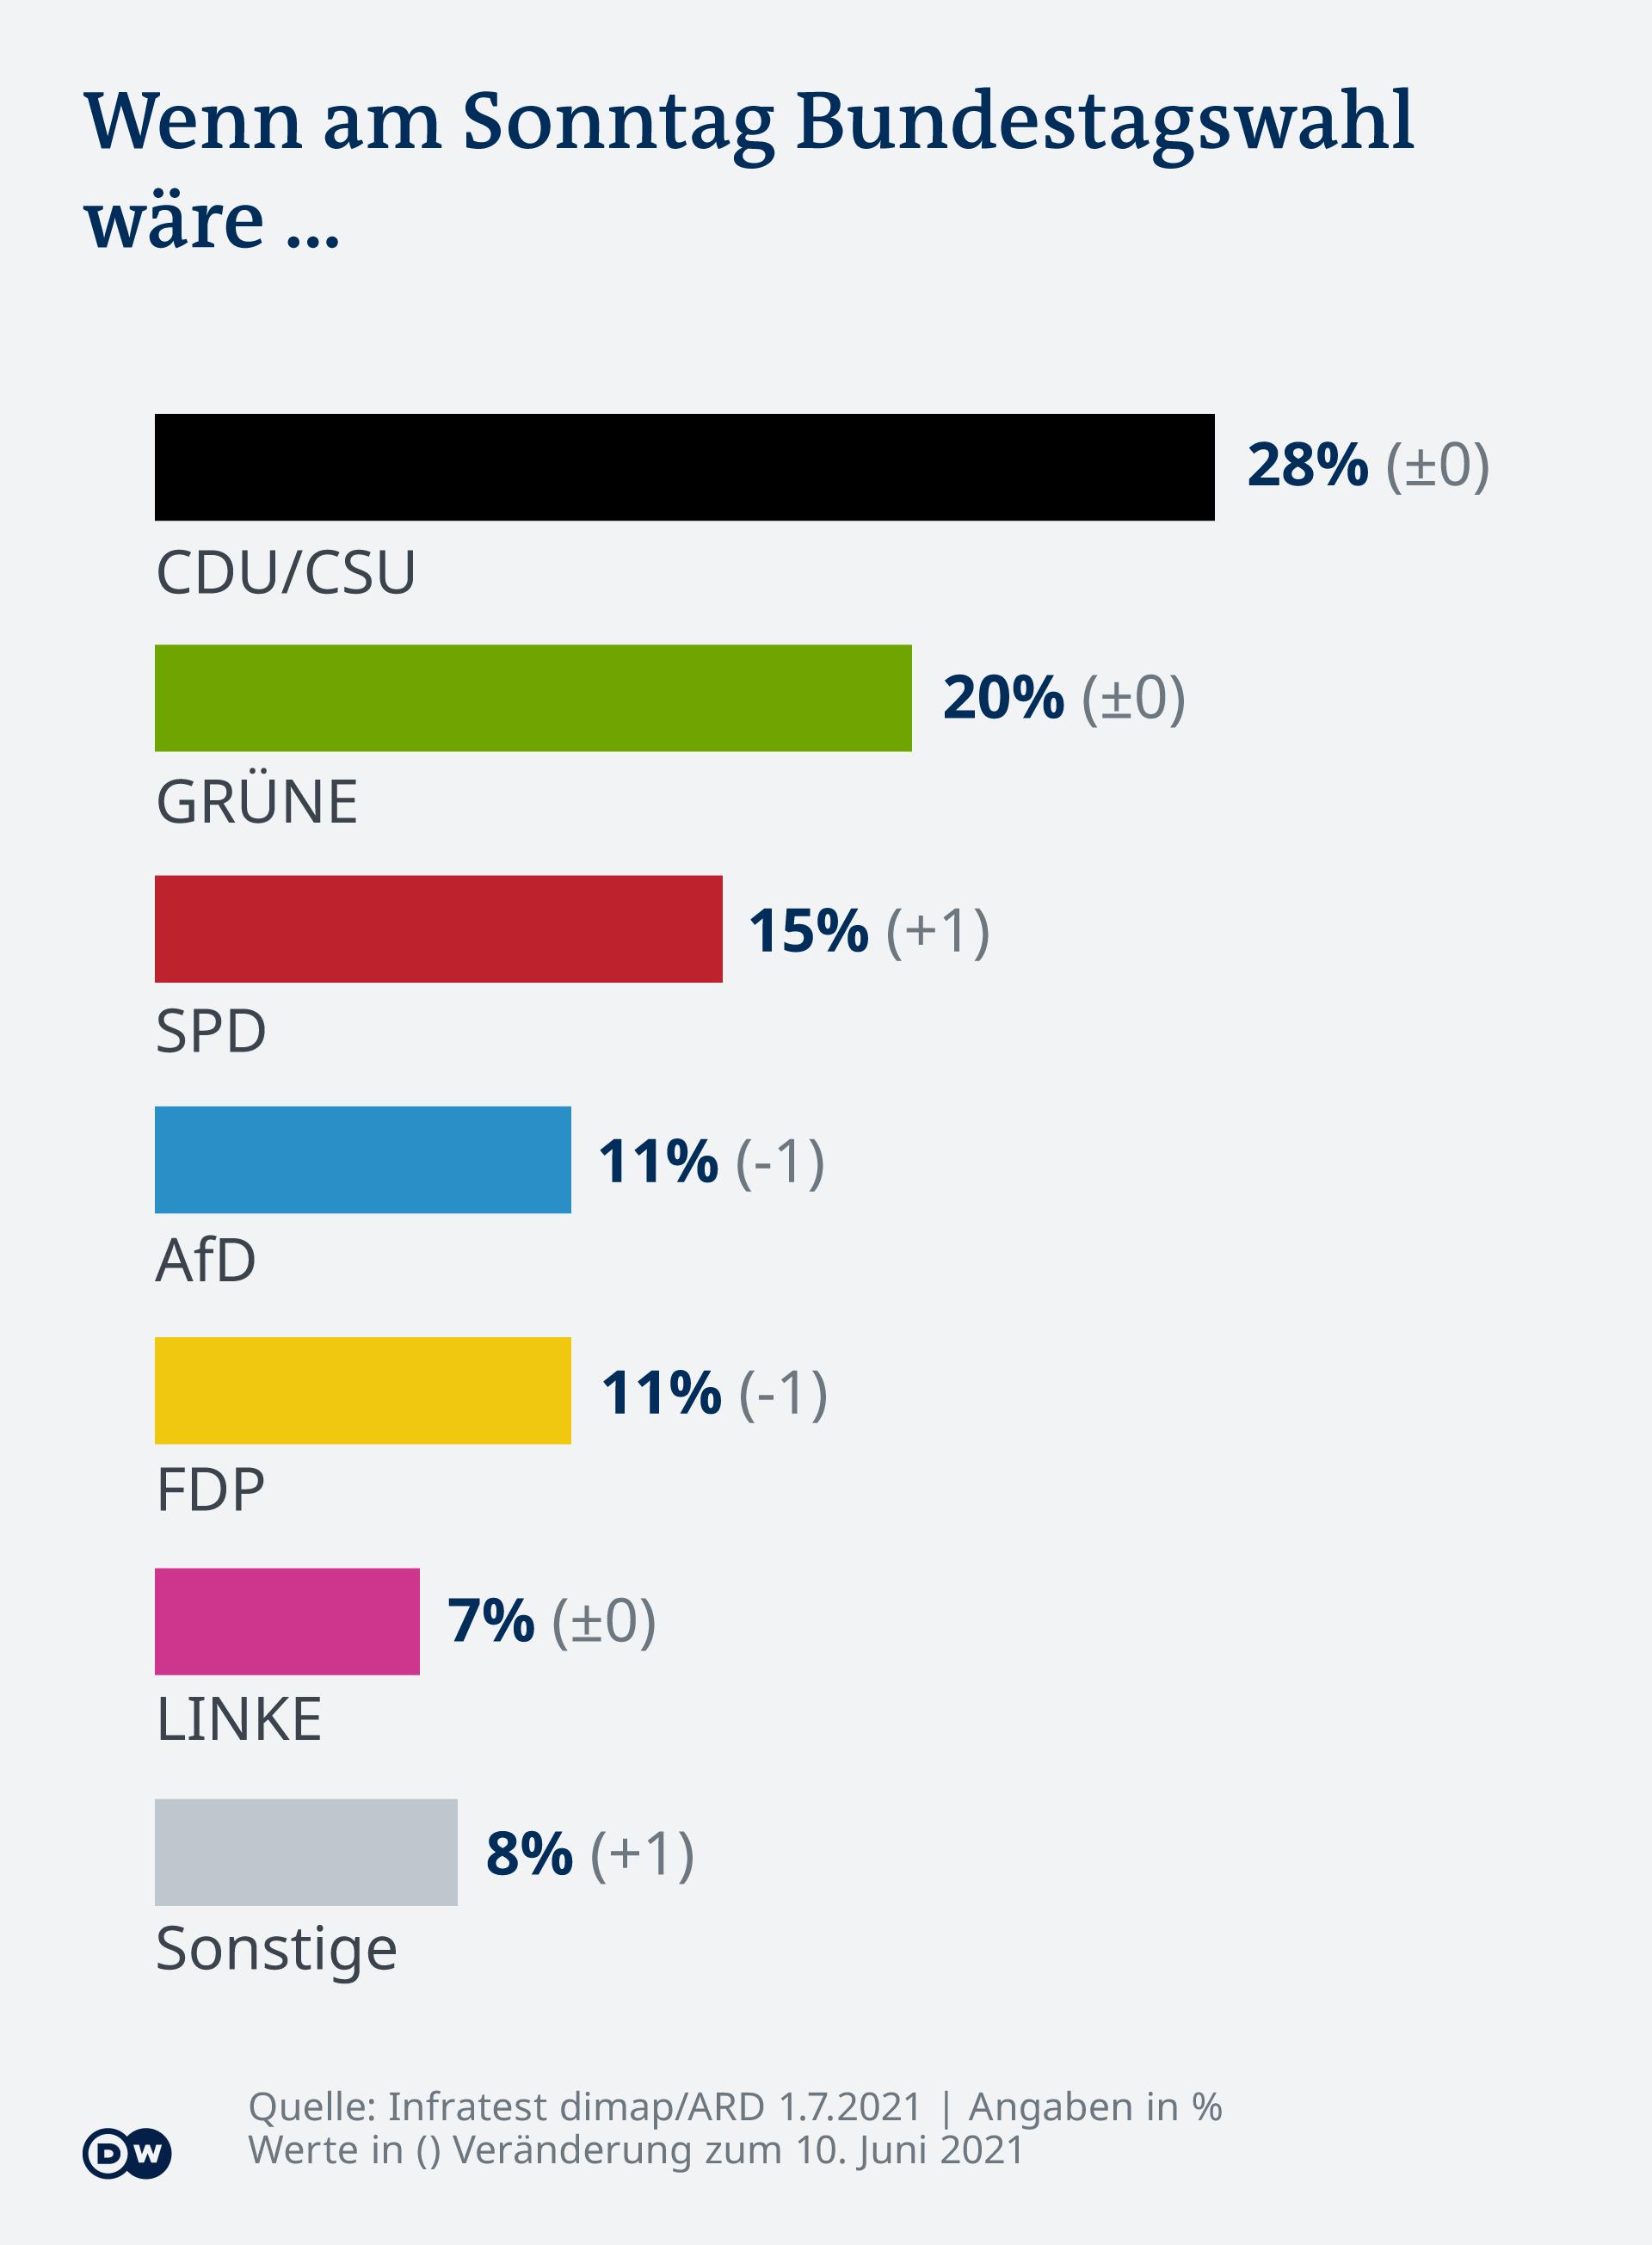 Kako bi građani Nemačke glasali da su izbori sada u nedelju